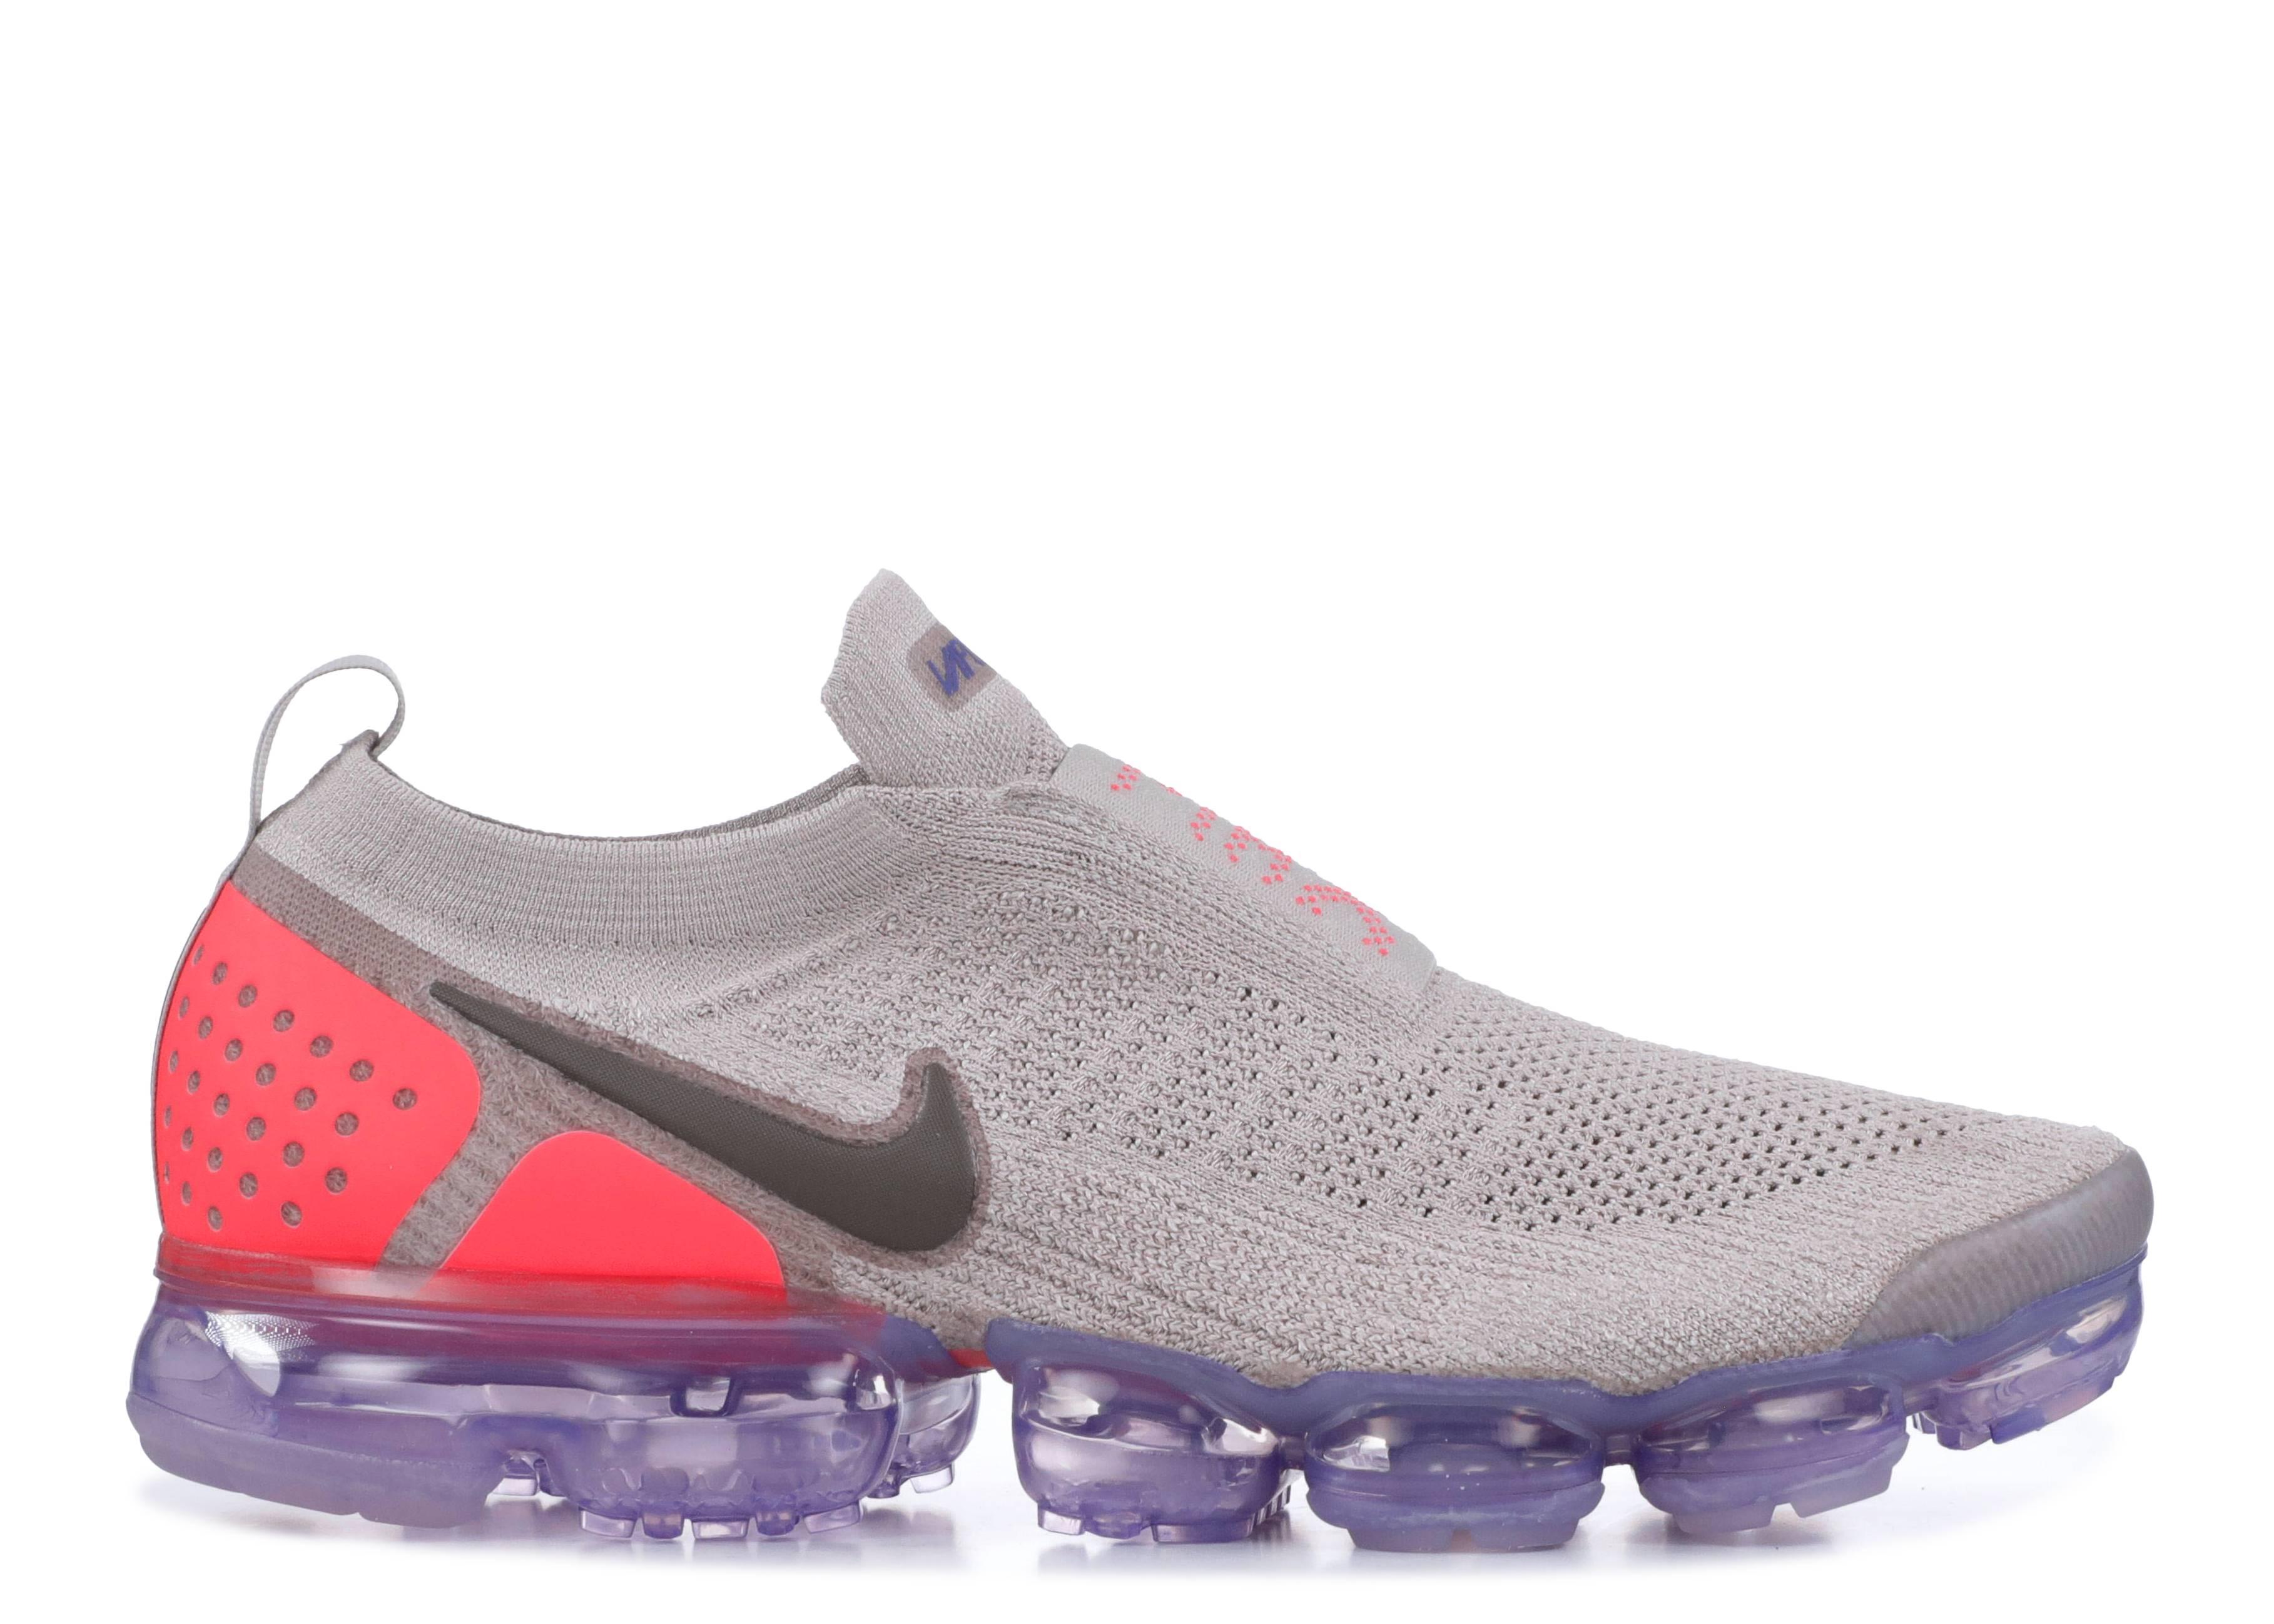 66ef6c4ca7b8 Nike Air Vapormax Fk Moc 2